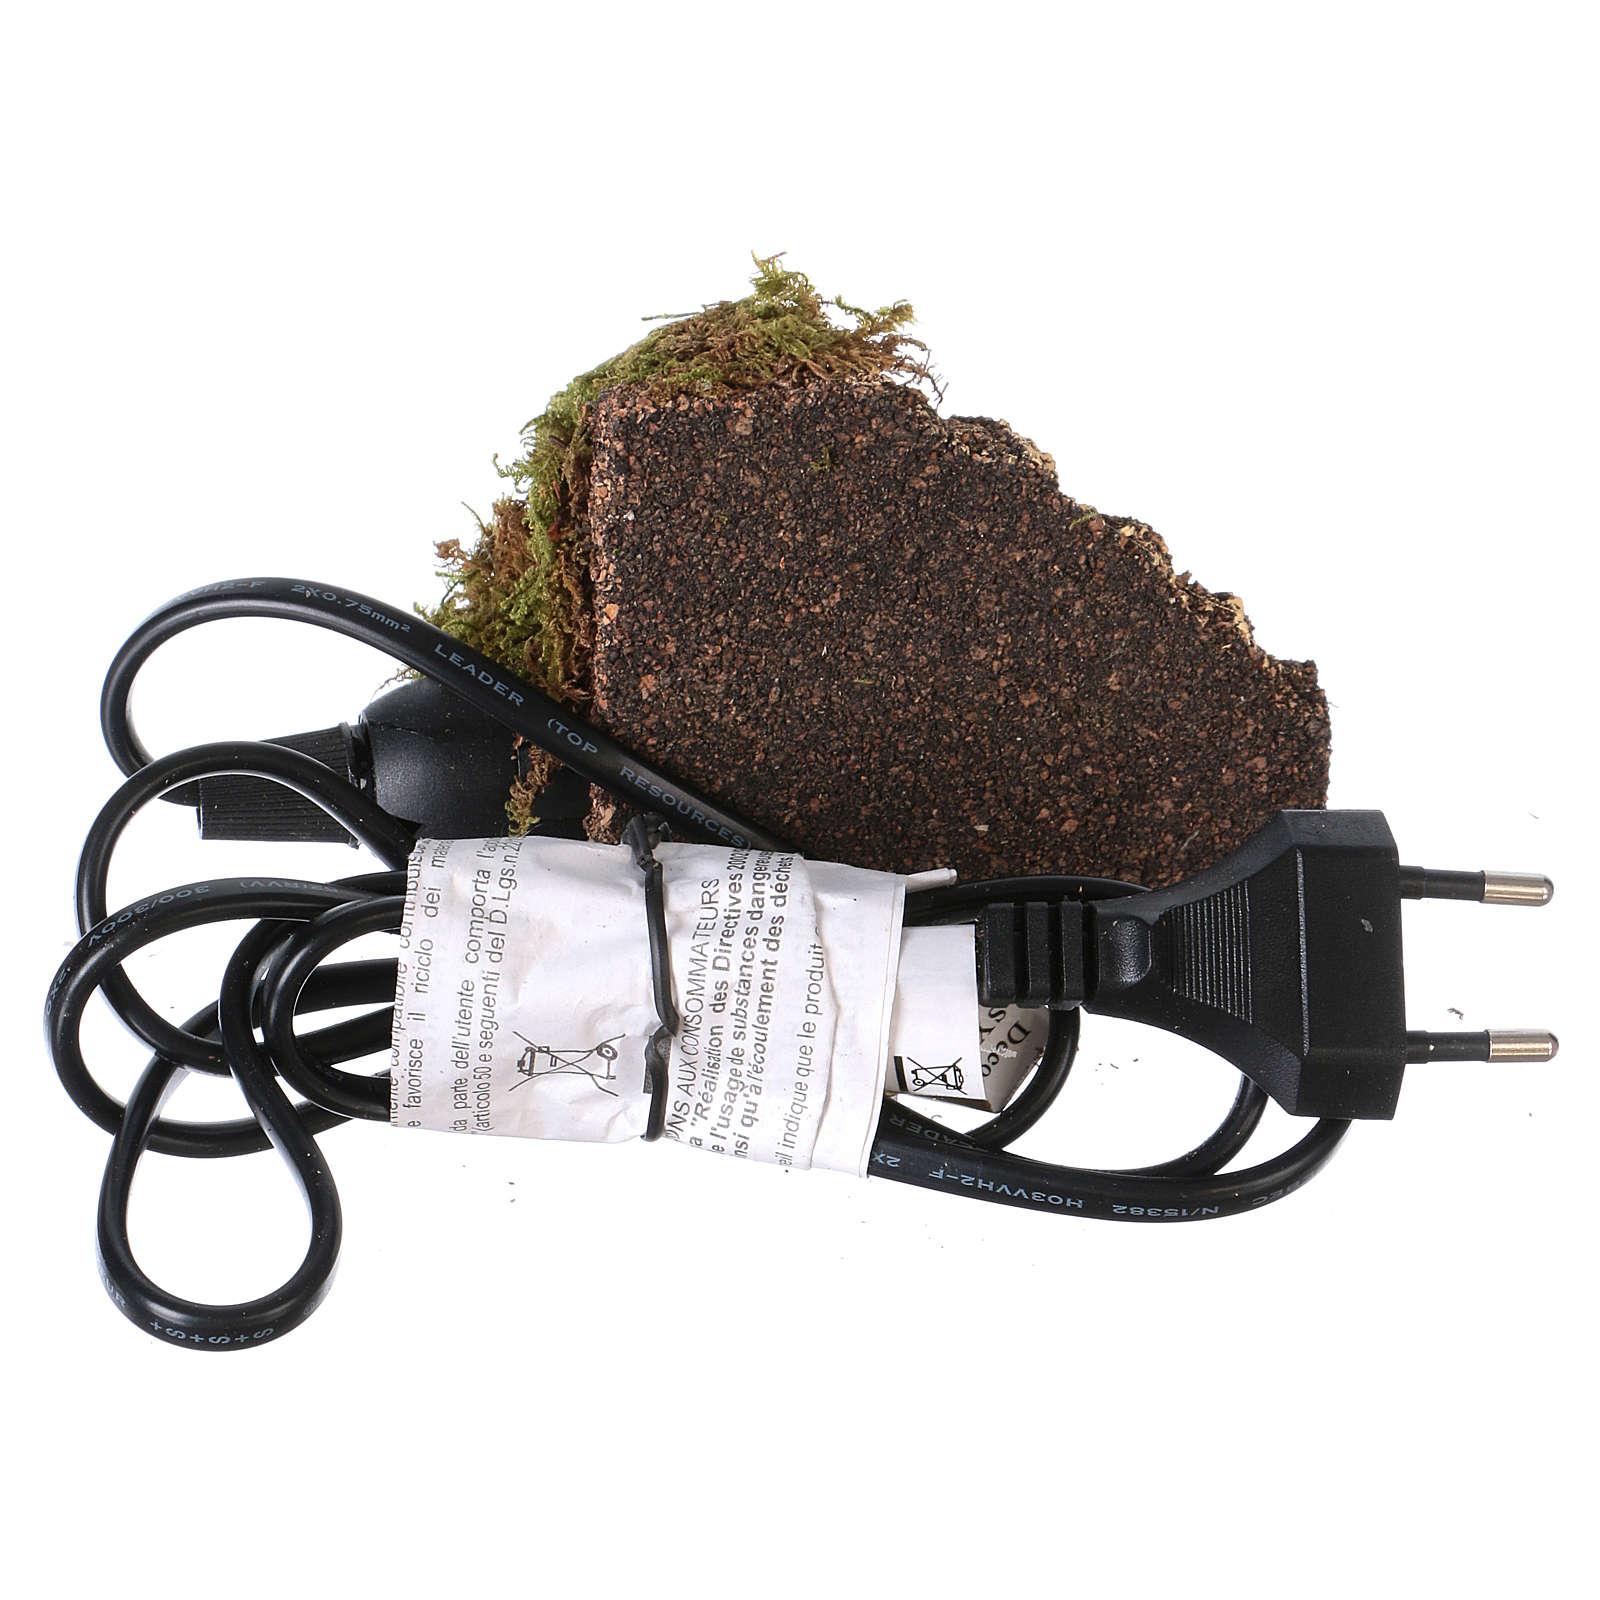 Feu de braise pour crèche ampoule effet feu 10x6 cm 4